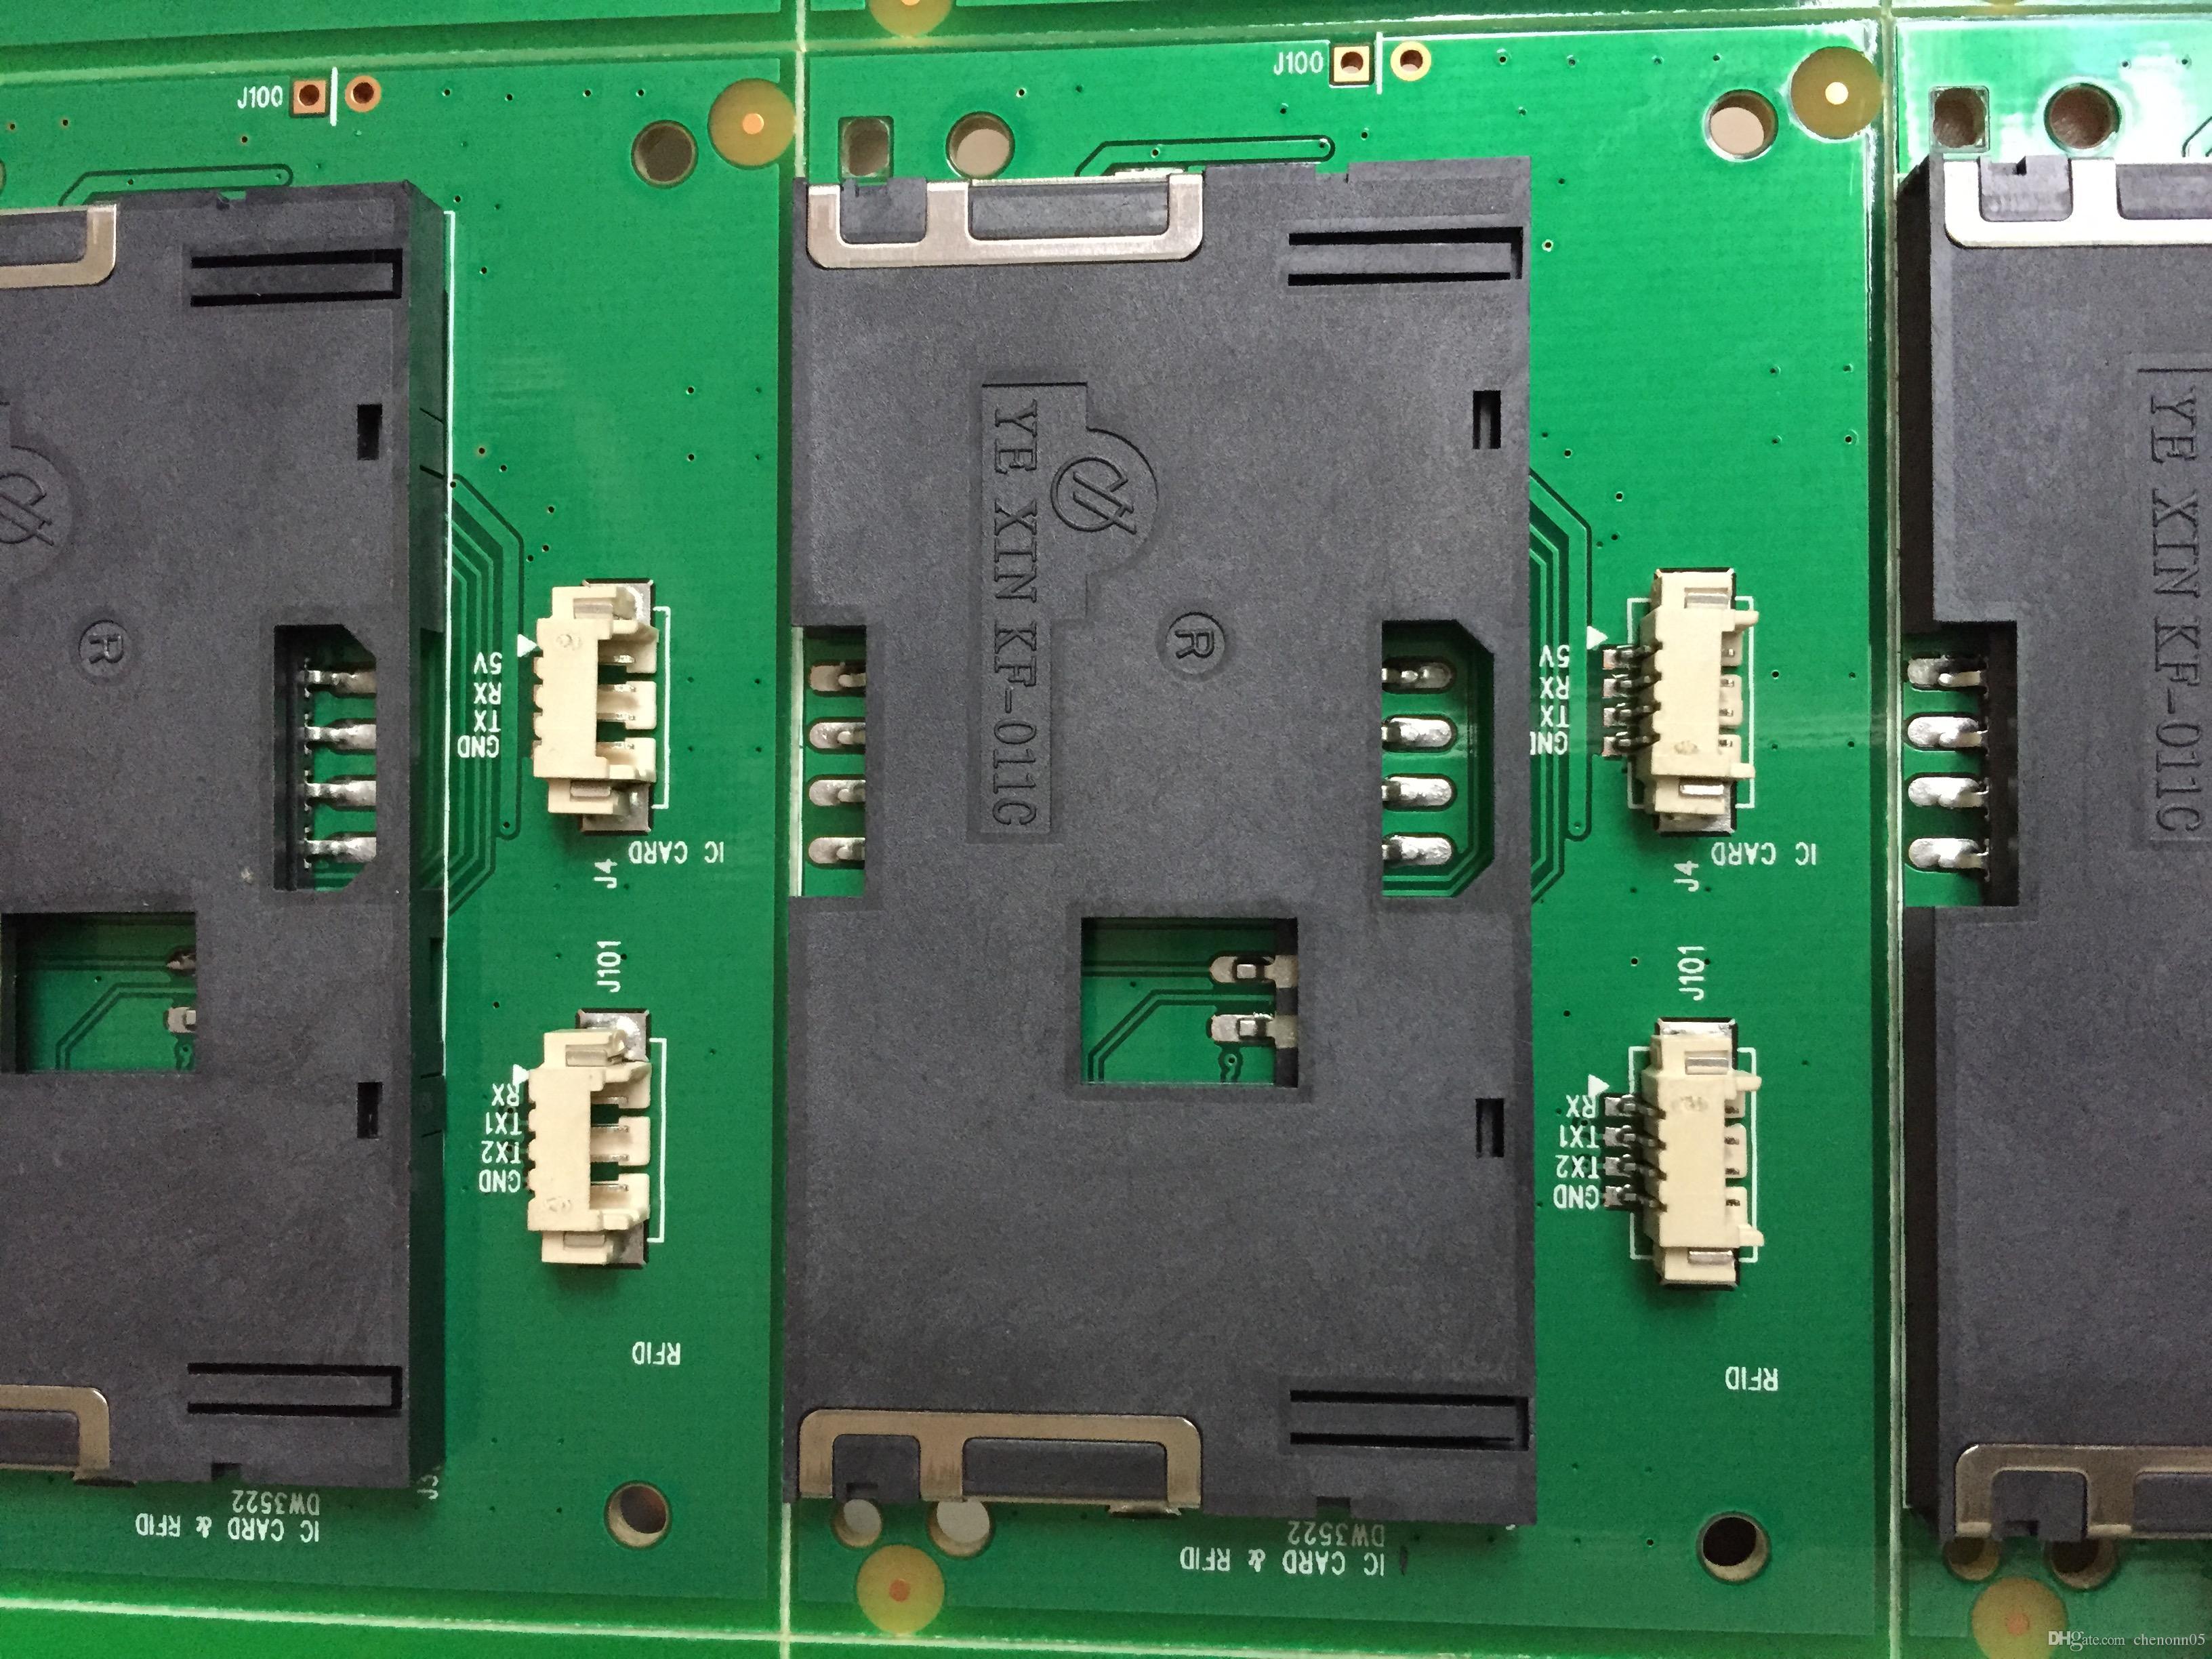 Compre Pcb Tablero Electrnico Vape Chip Motherboard Placa Para Xbox 360 Ver Imagen Ms Grande